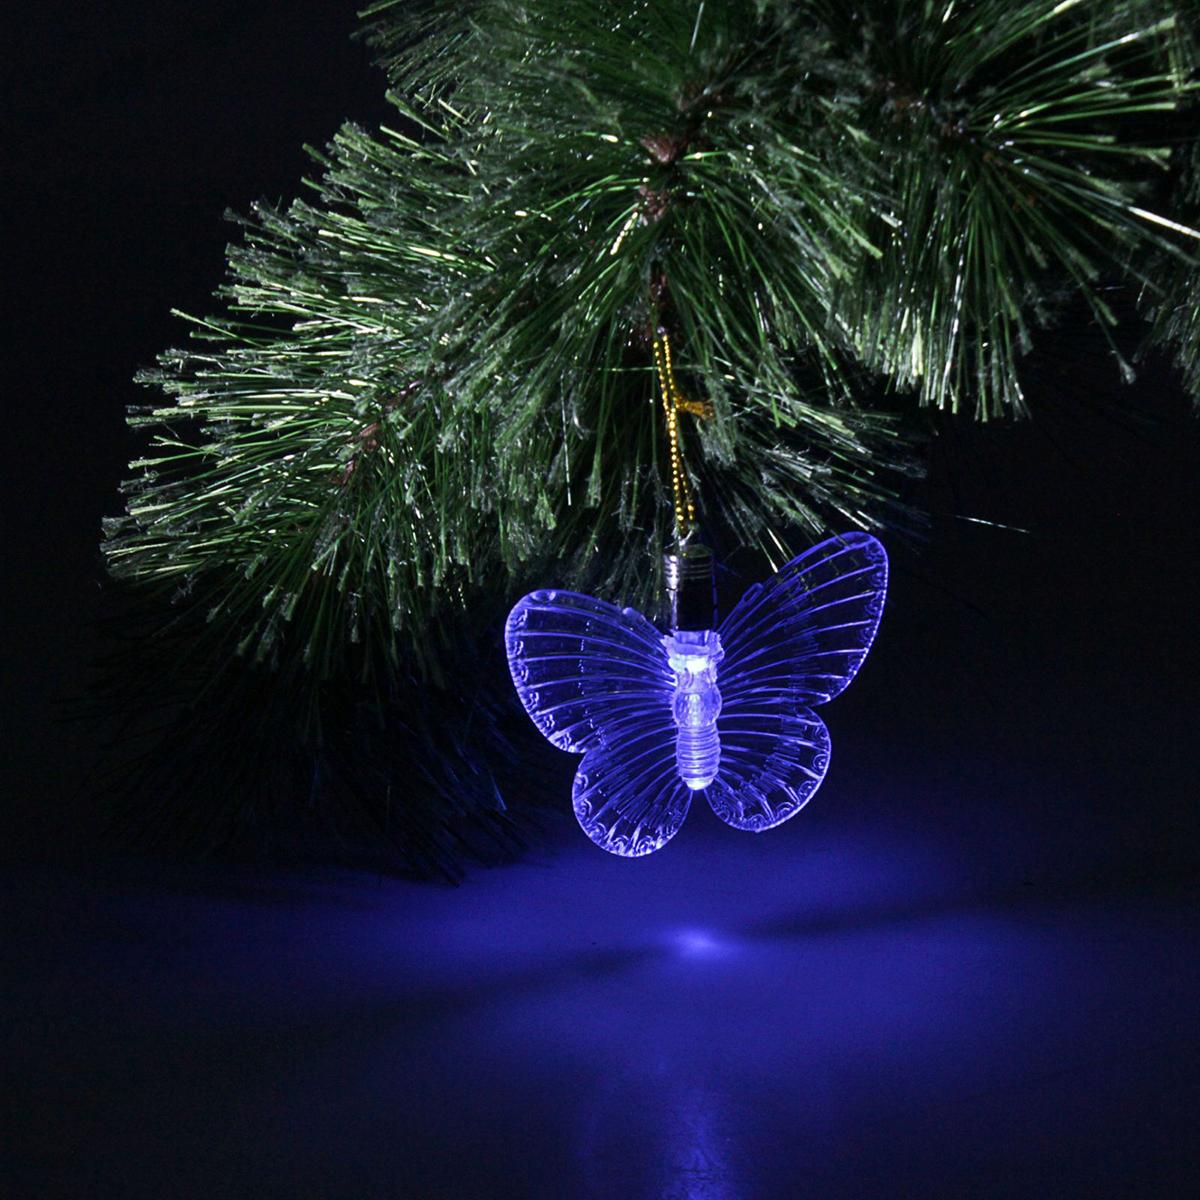 Украшение подвесное Luazon Бабочка, с подсветкой704846Маленькая, но яркая подвеска-бабочка нежно светится в темноте, добавляя убранству комнаты таинственности и уюта. Оригинальная форма позволяет использовать ее и в качестве новогоднего украшения для праздничной елки в декабре, и как дополнительный источник света круглый год. Удобное крепление- петелька позволяет размещать такое украшение где угодно! Подвеска-бабочка сияет и меняет цвет, она станет достойным акцентом в интерьере вашей спальни или необычным ночником в детской. Батарейки: 3 штуки в комплекте, тип батареек: LR-41.